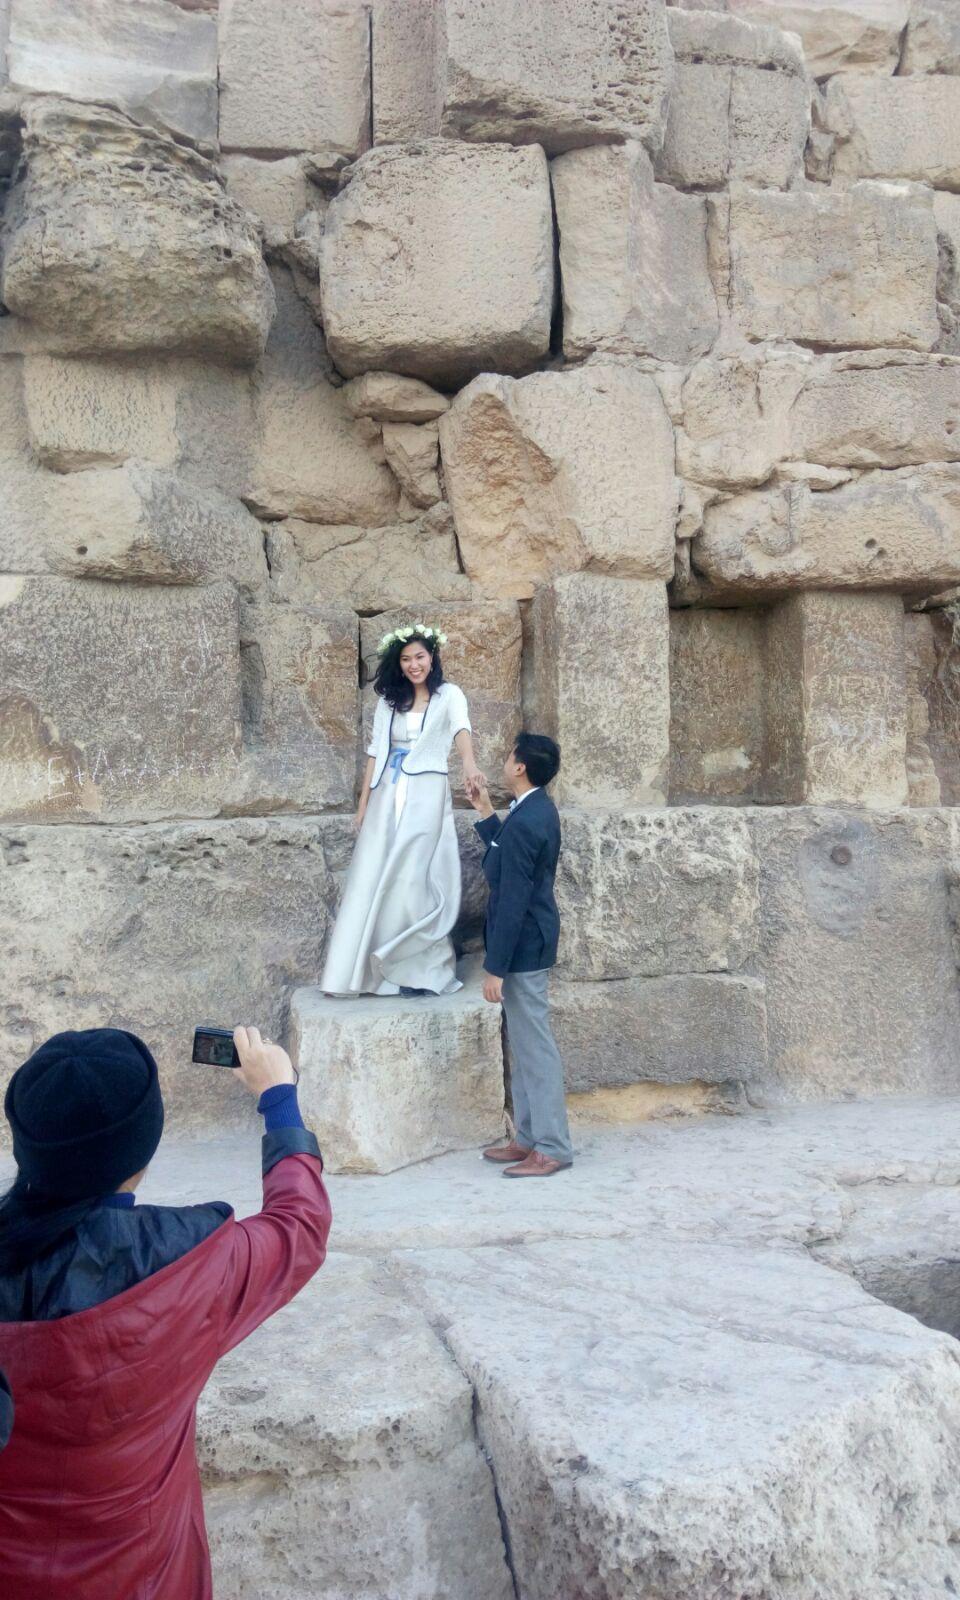 عروسان من الصين يحتفلان بزواجهما والعام الجديد تحت سفح الأهرامات